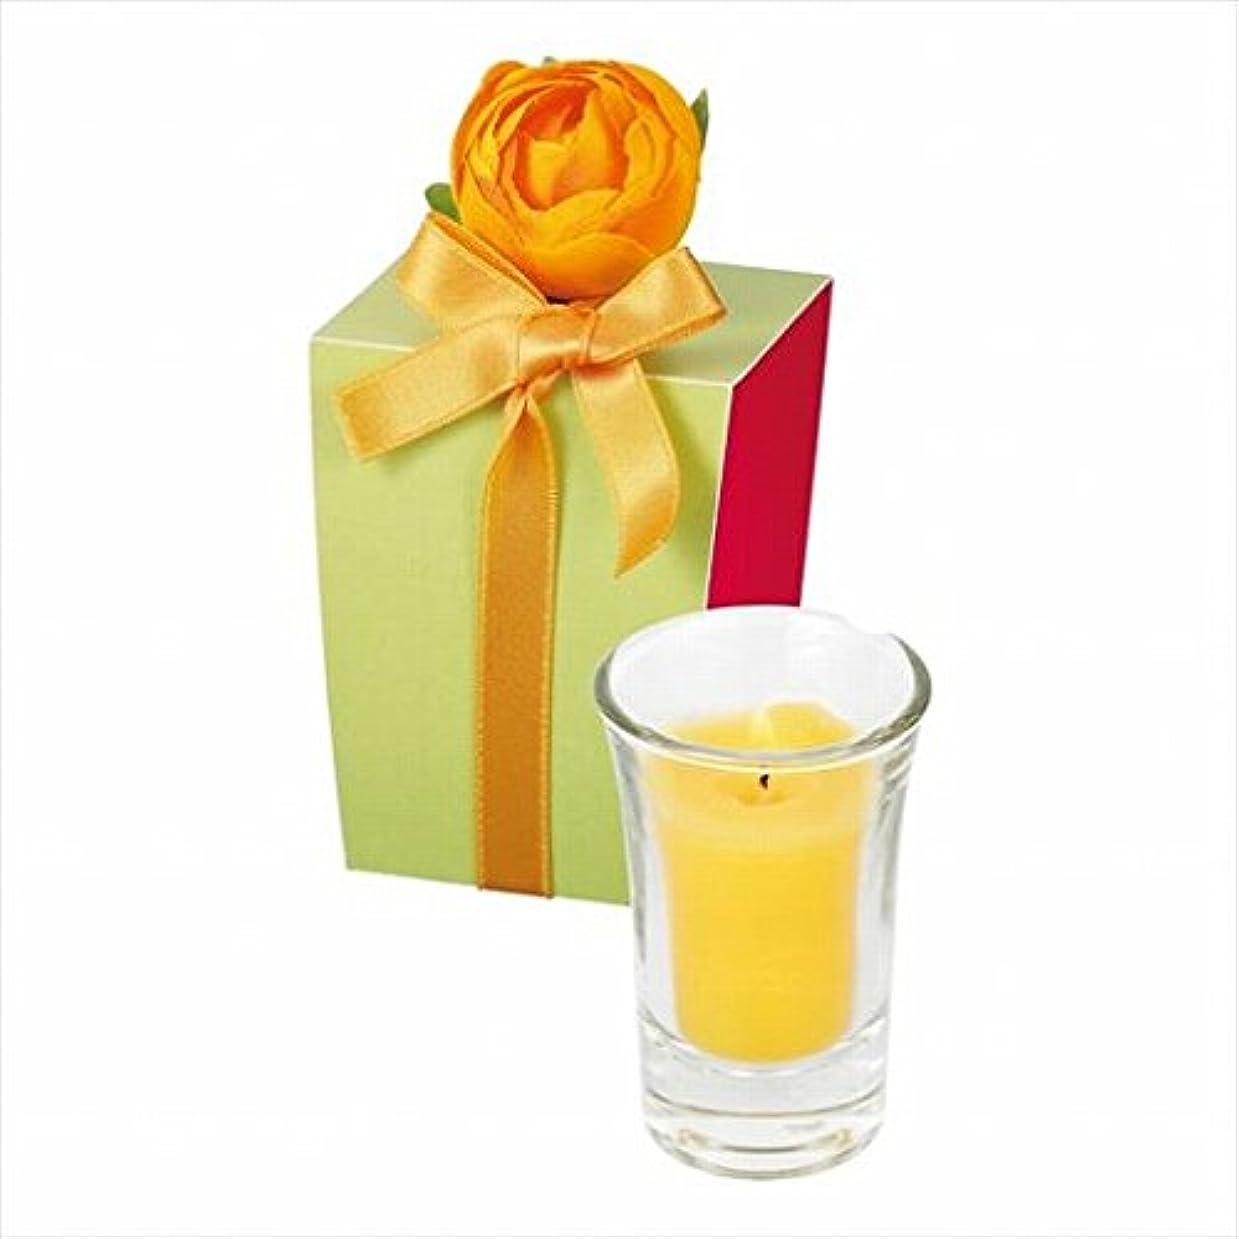 ジョブ階層アイザックカメヤマキャンドル(kameyama candle) ラナンキュラスグラスキャンドル 「 イエロー 」